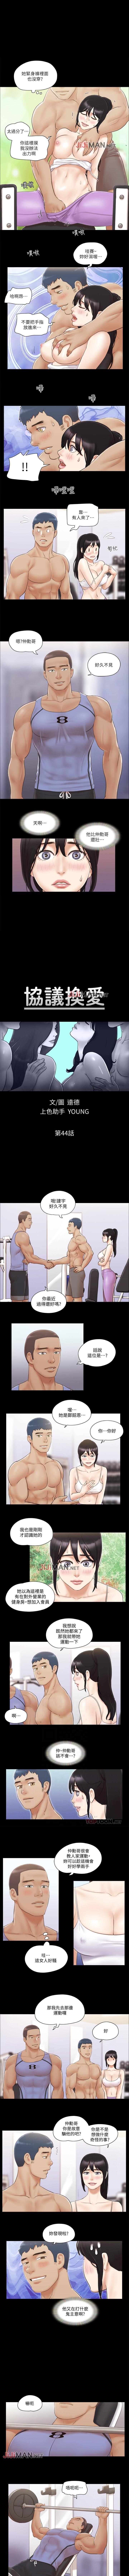 【周五连载】协议换爱(作者:遠德) 第1~57话 183